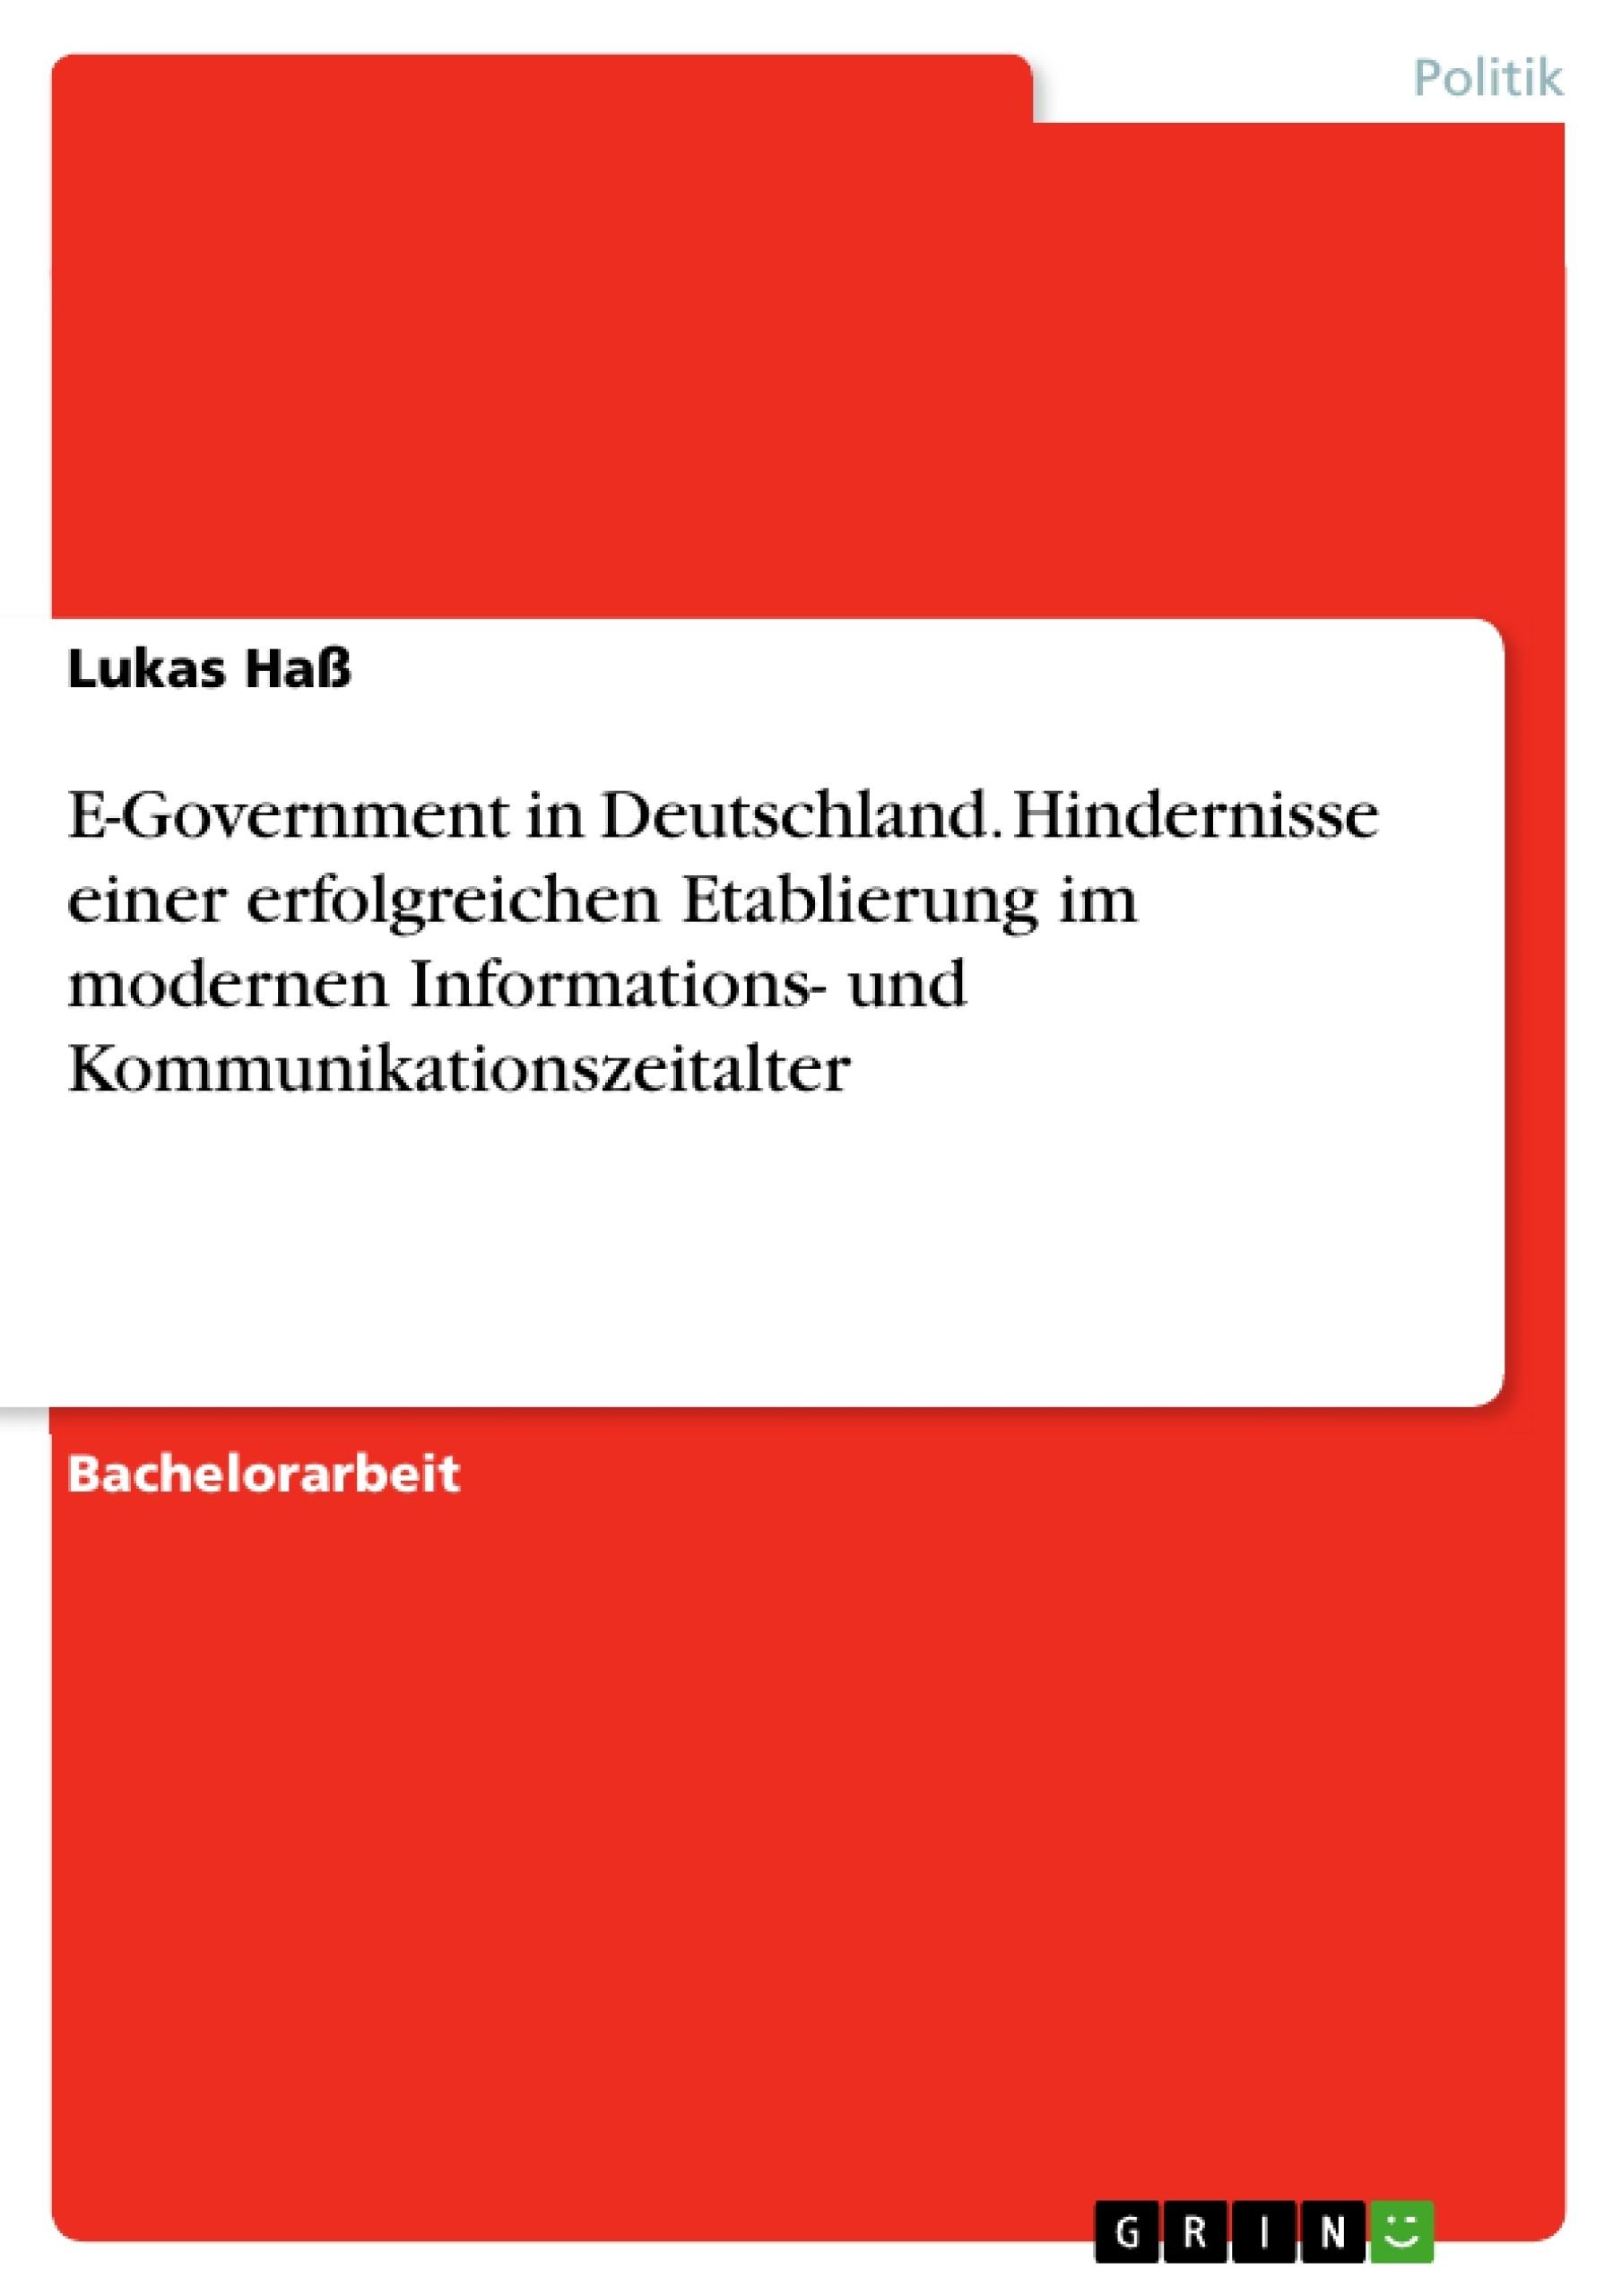 Titel: E-Government in Deutschland. Hindernisse einer erfolgreichen Etablierung im modernen Informations- und Kommunikationszeitalter